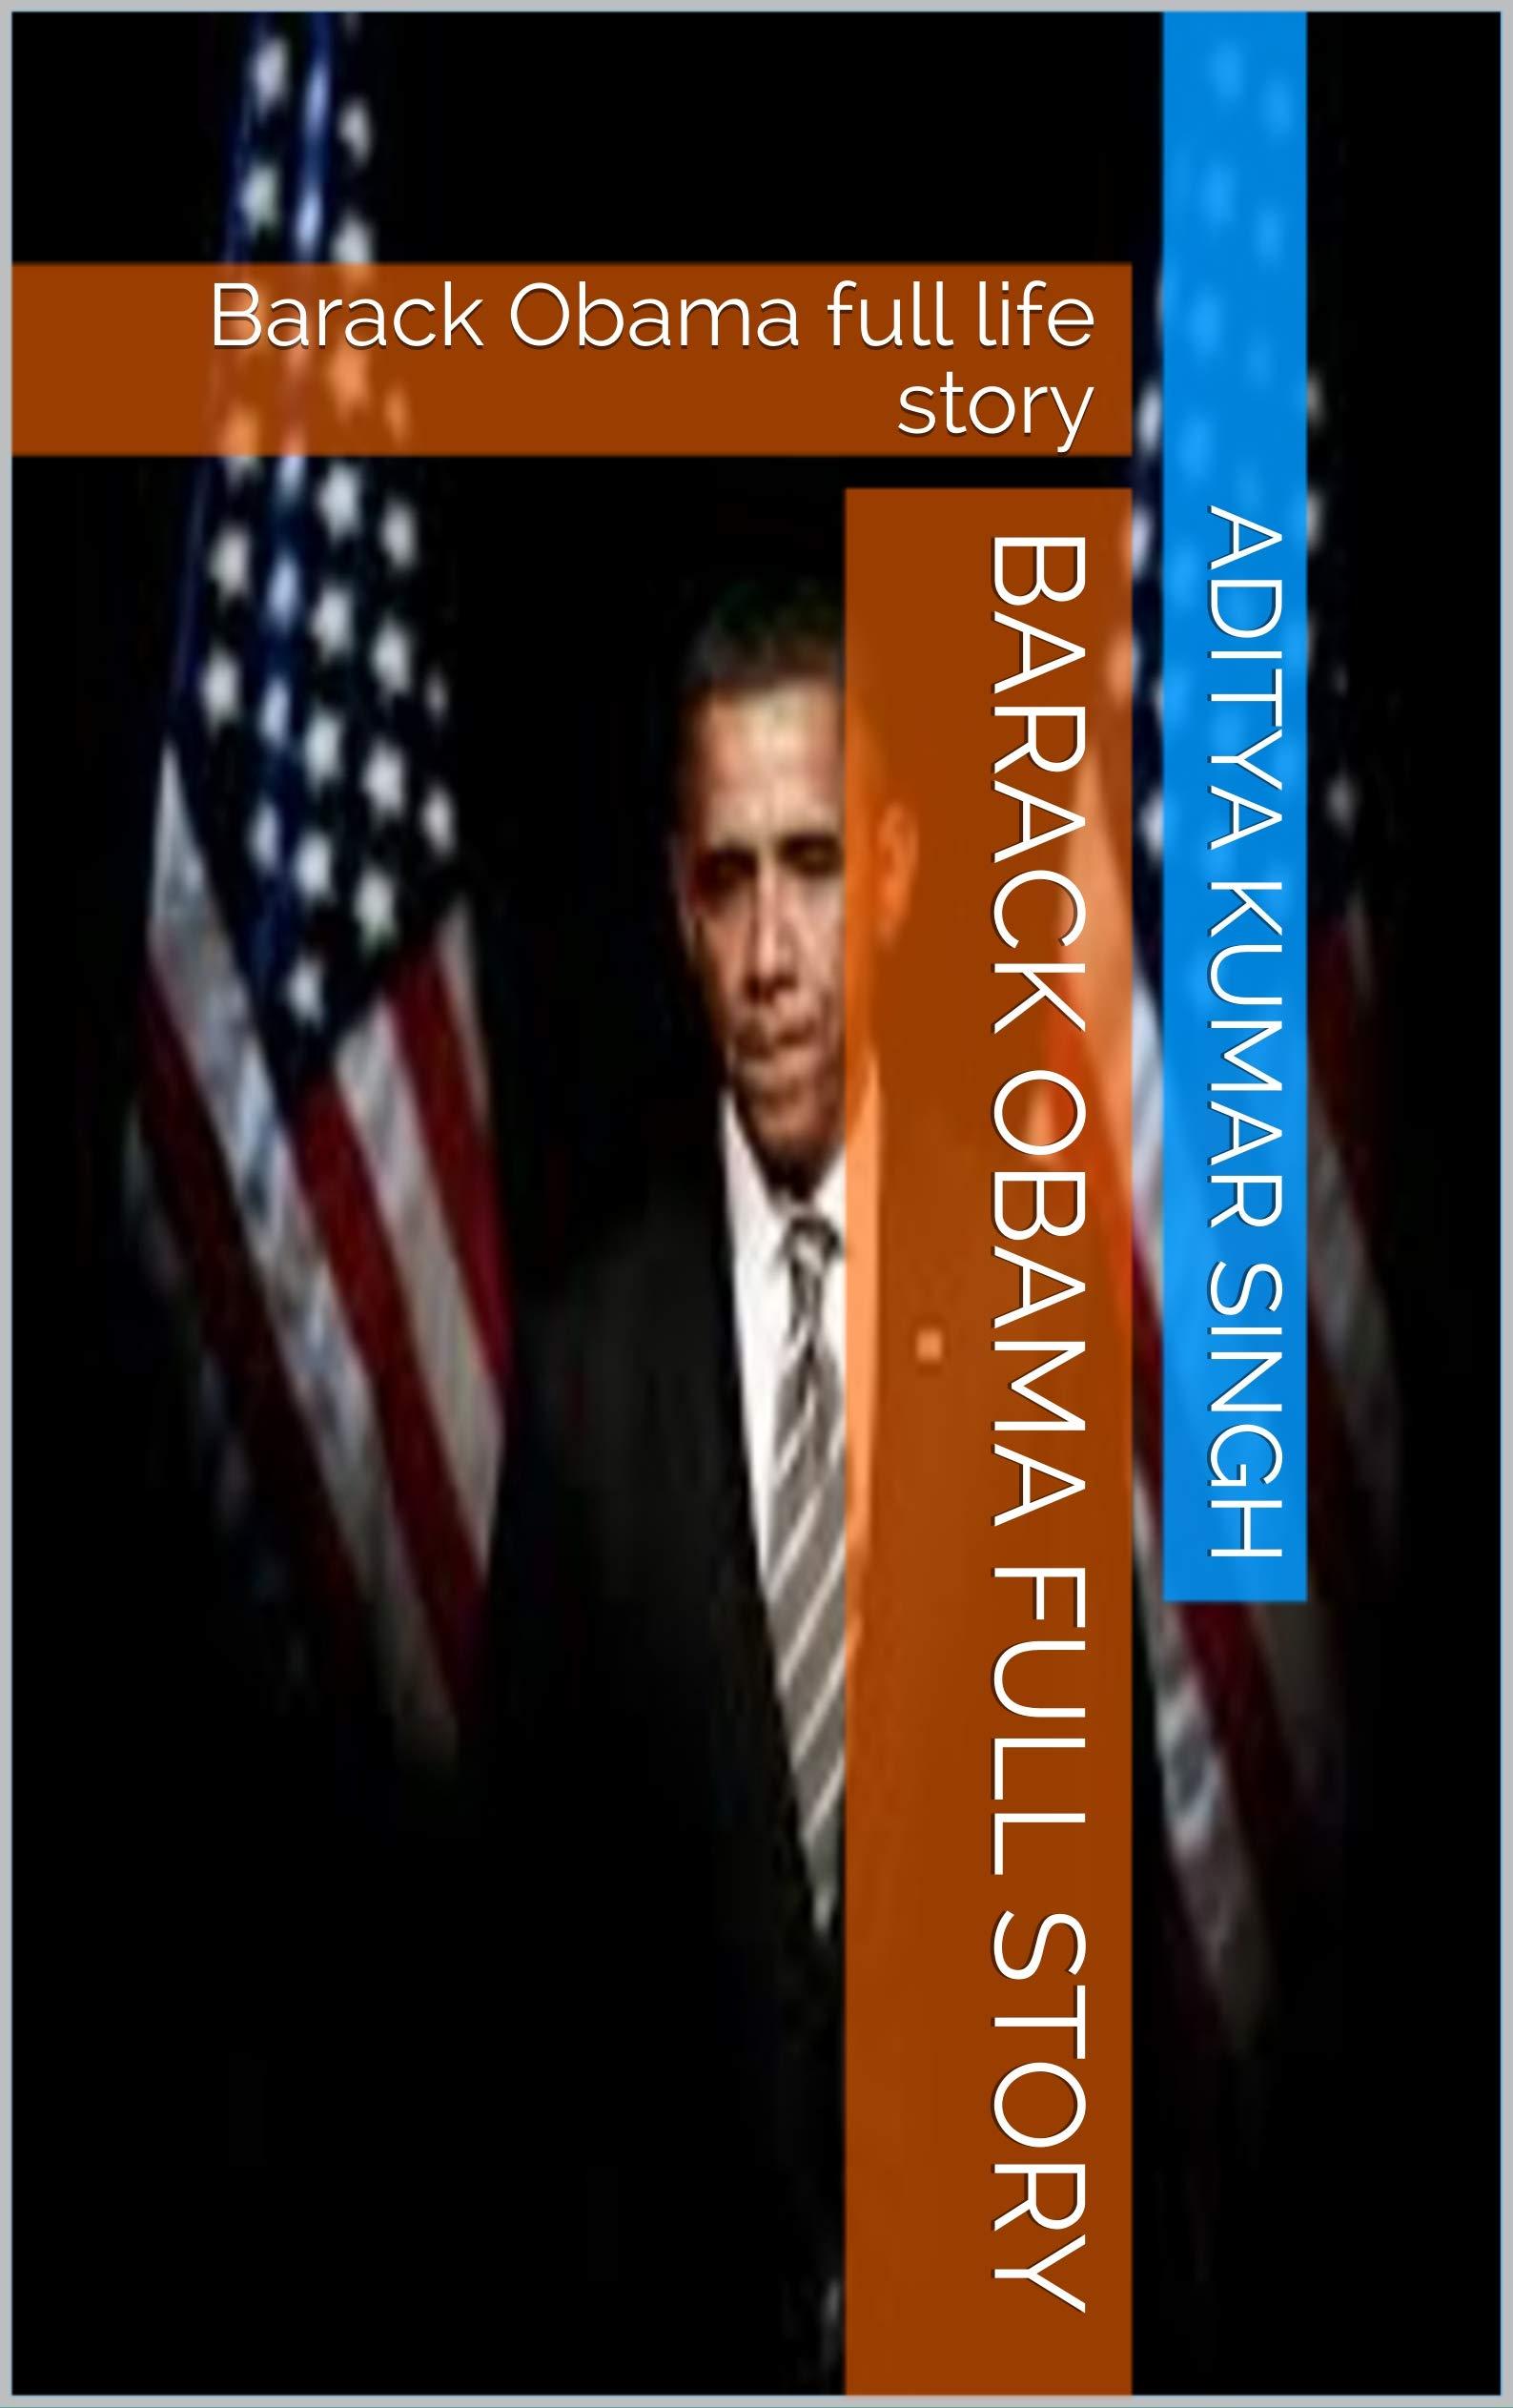 Barack Obama full story: Barack Obama full life story